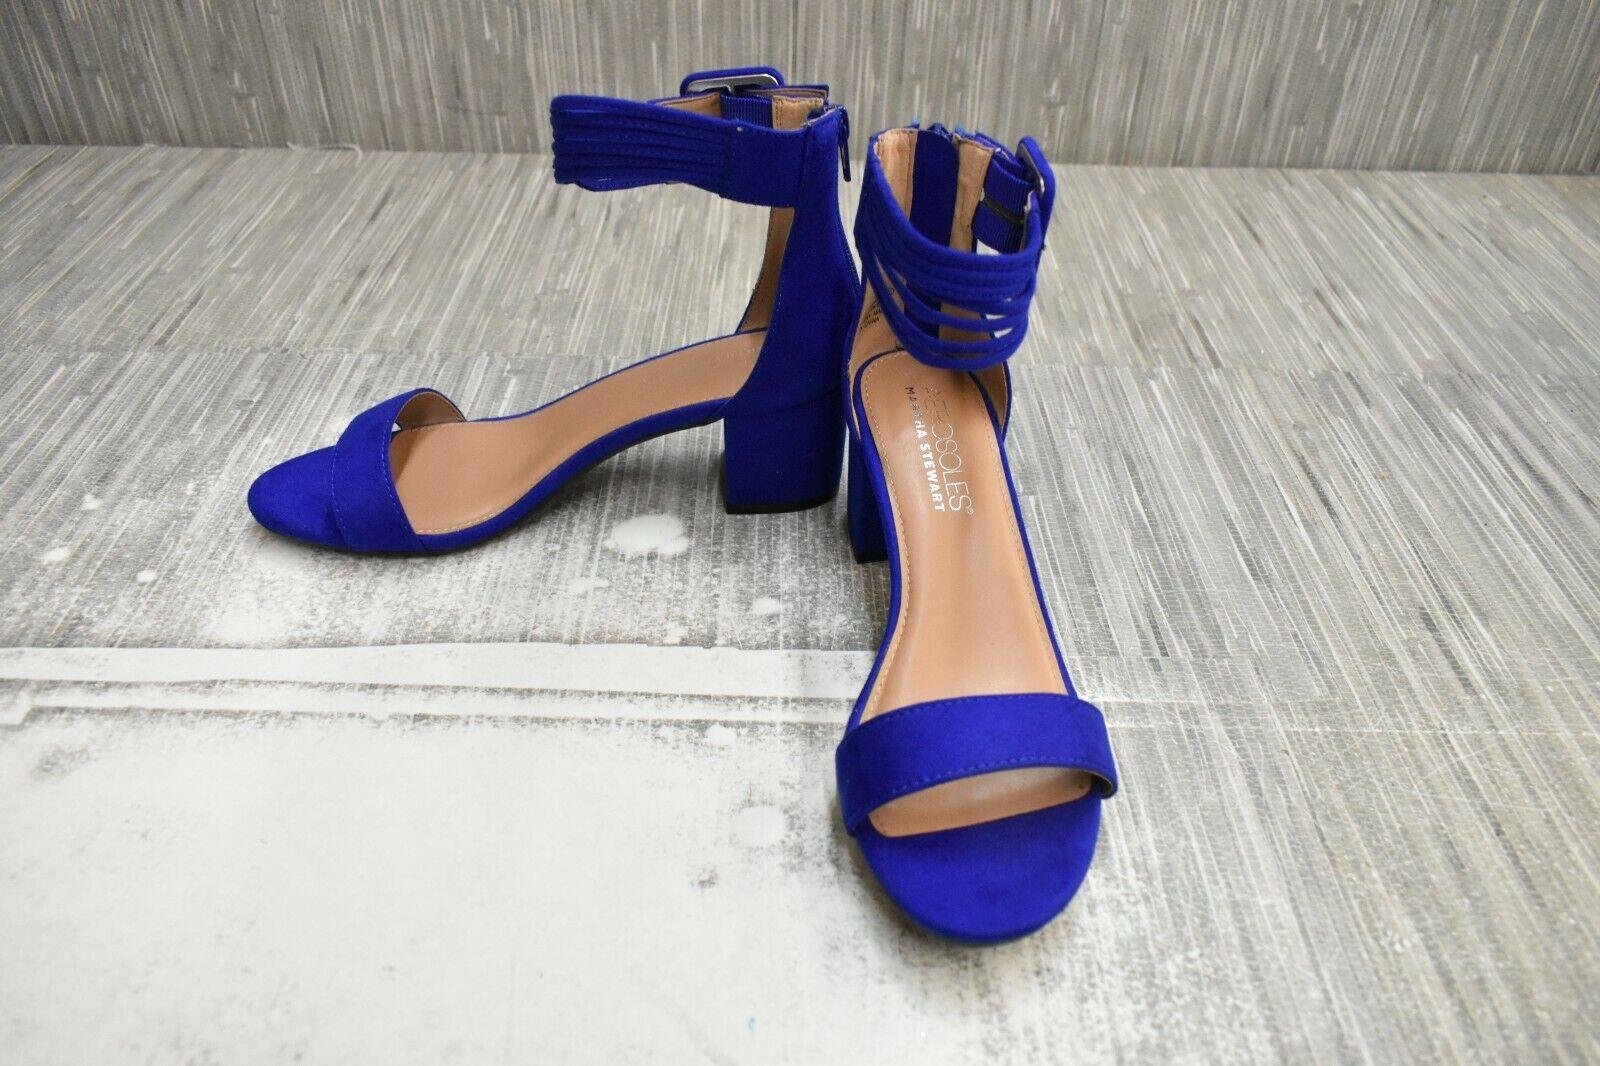 ** Aerosoles Mi Année Bride Cheville Sandale, Femme Taille 7.5 m, bleu NOUVEAU